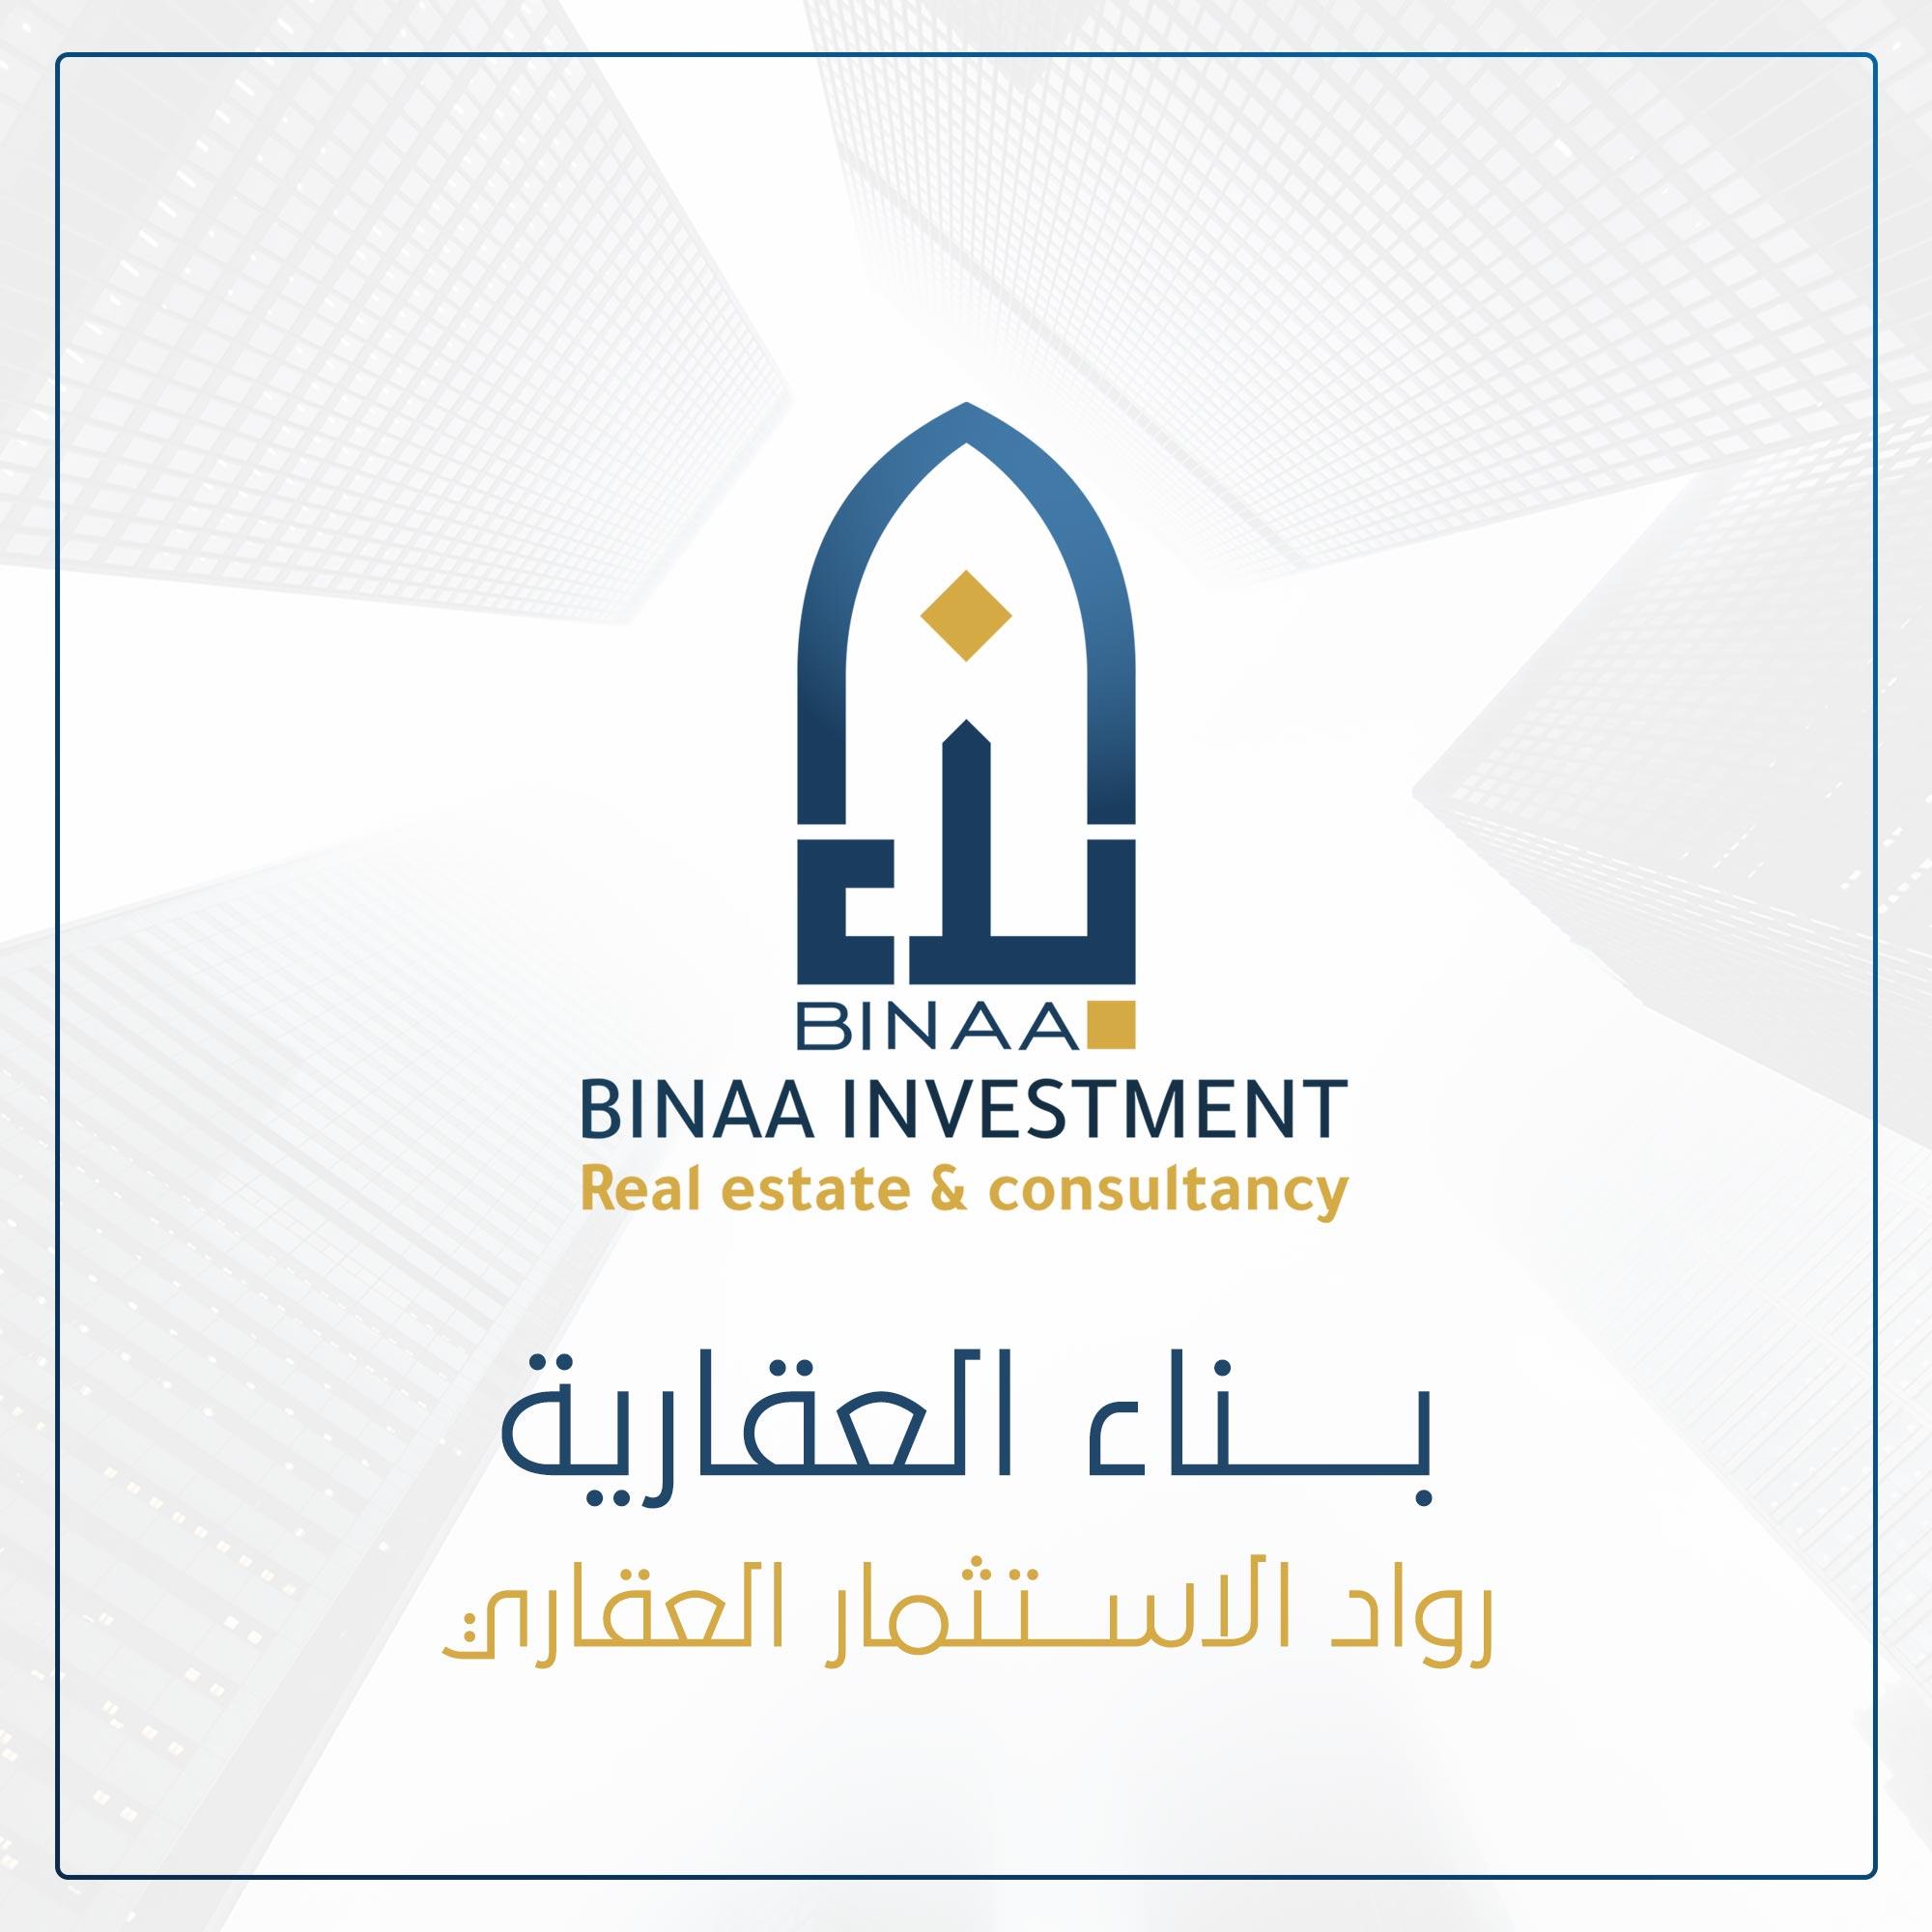 Binaa Investment